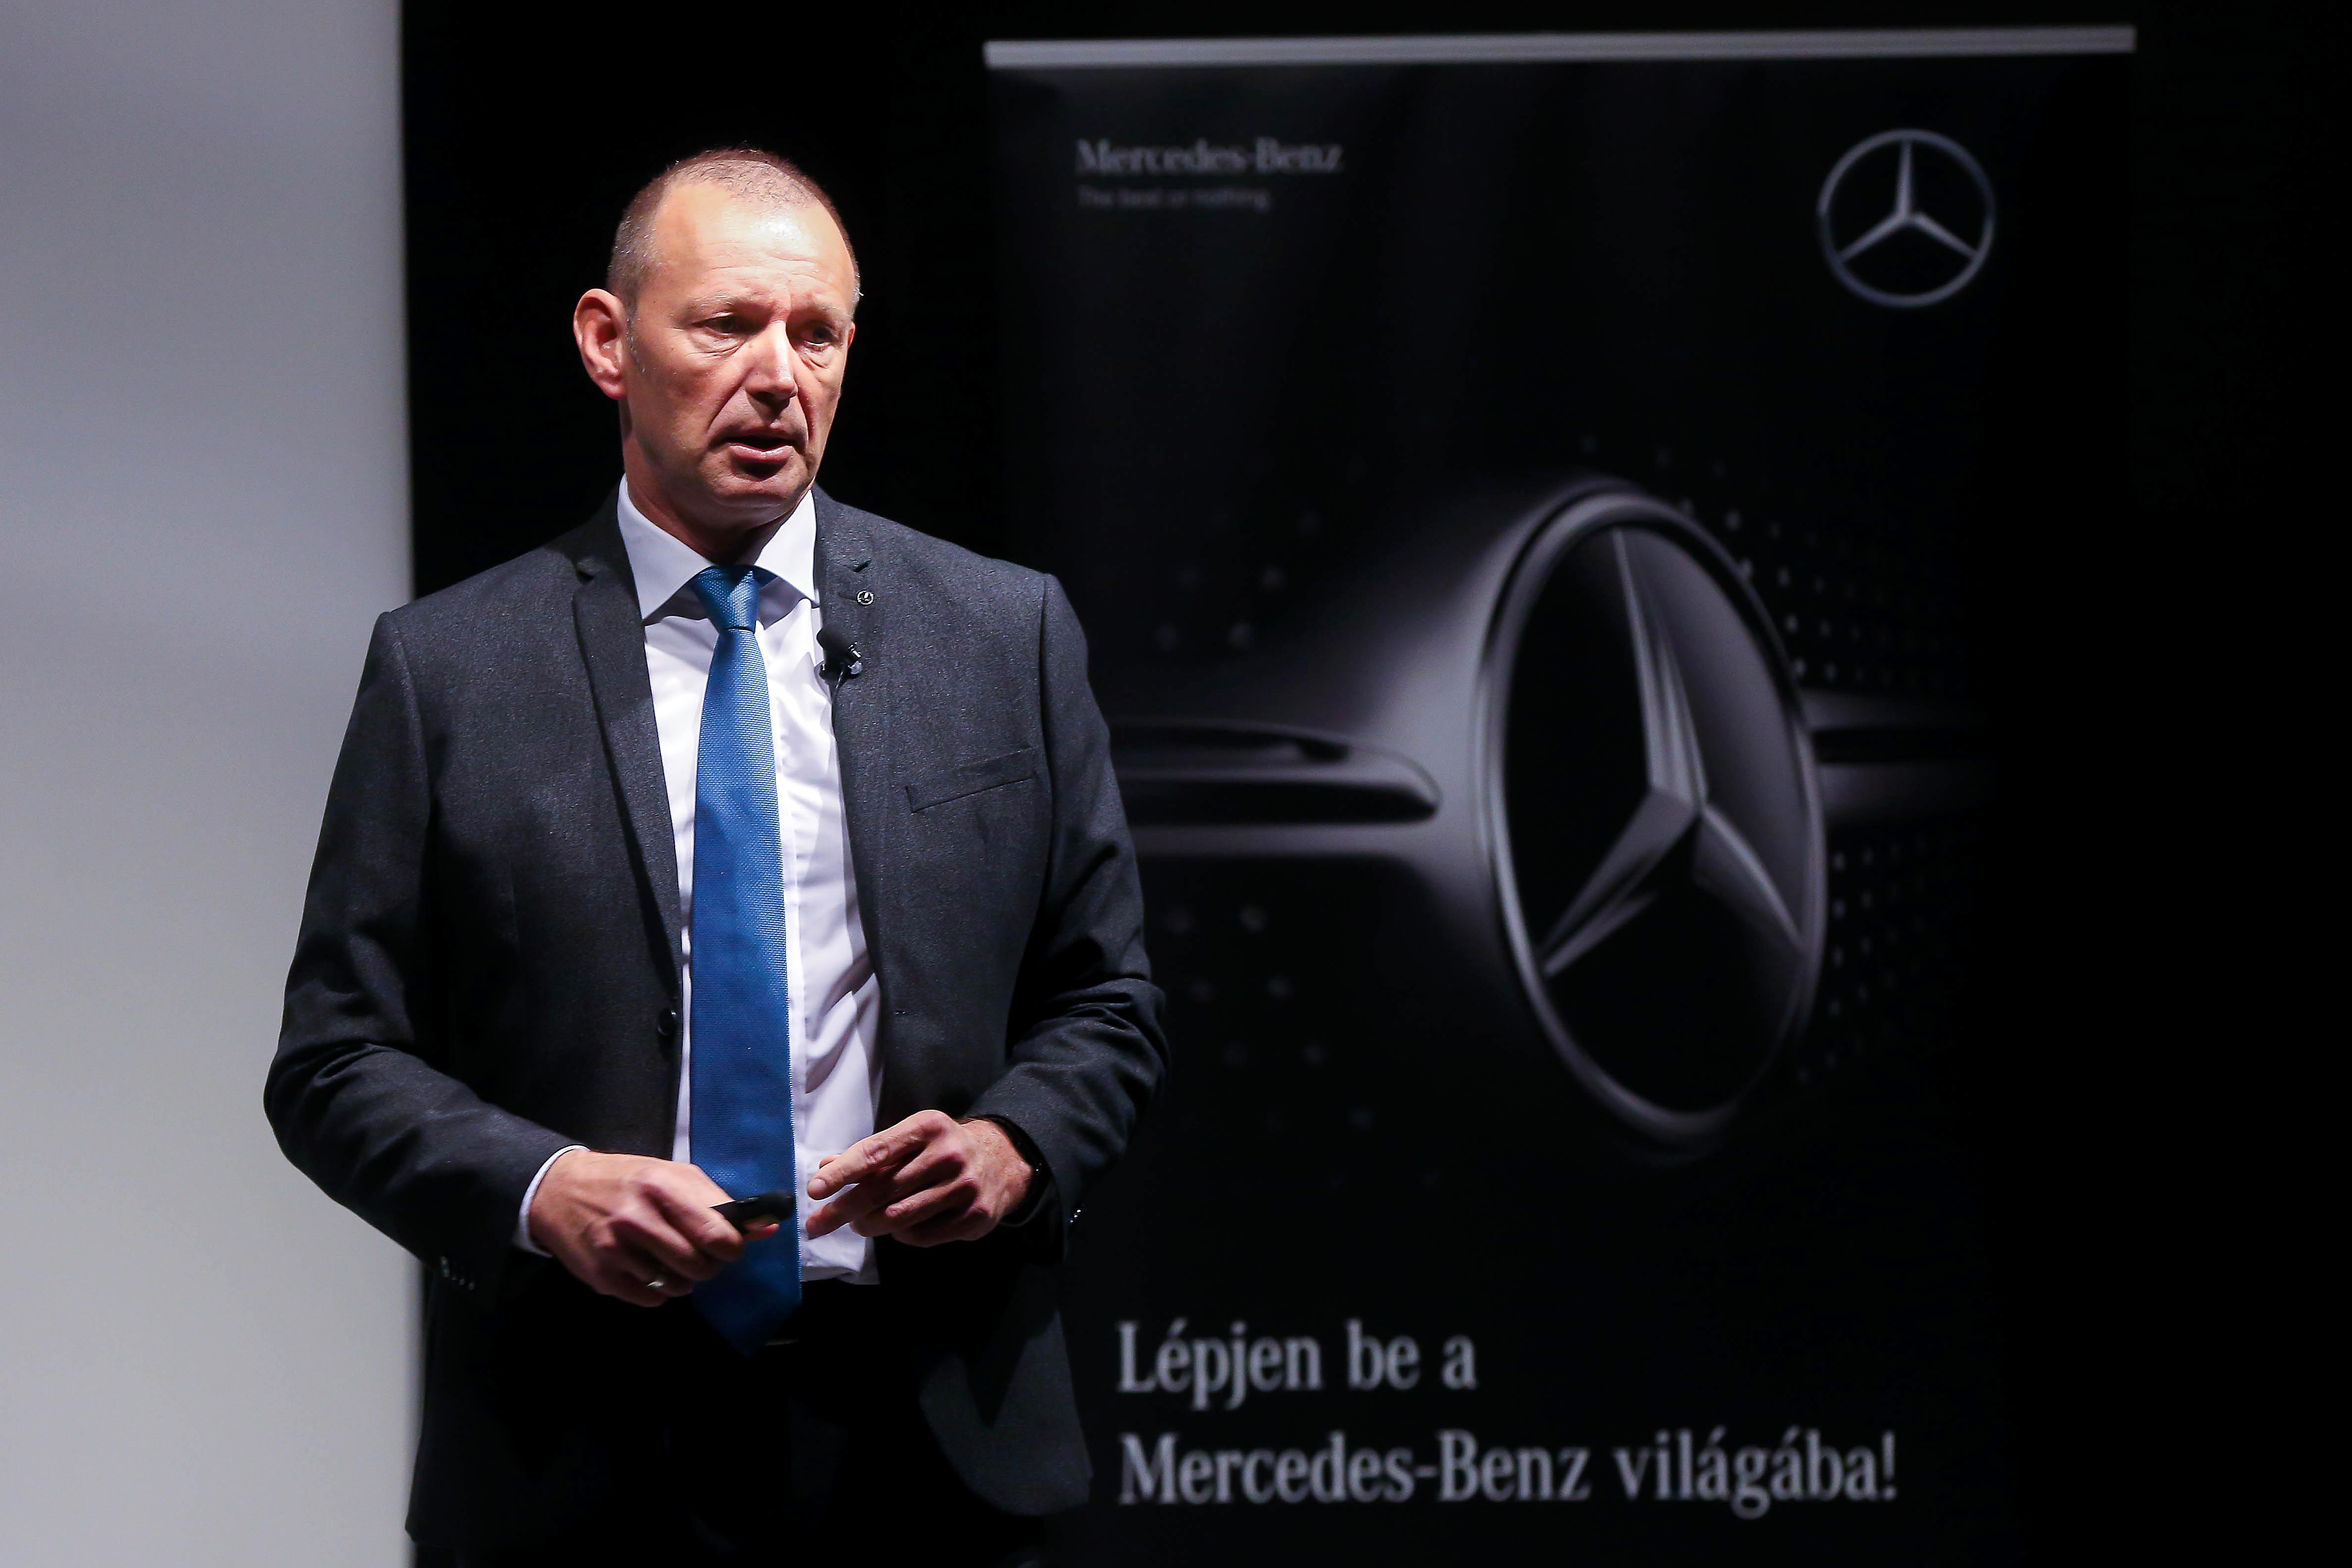 4aaa15e4b4a8 Győrfi Pál immár nem csupán az OMSZ szóvivője, a Mercedes-Benz Hungária  közlekedésbiztonsági nagykövete is. Húsvét előtt különösen fontos  hangsúlyozni: ...